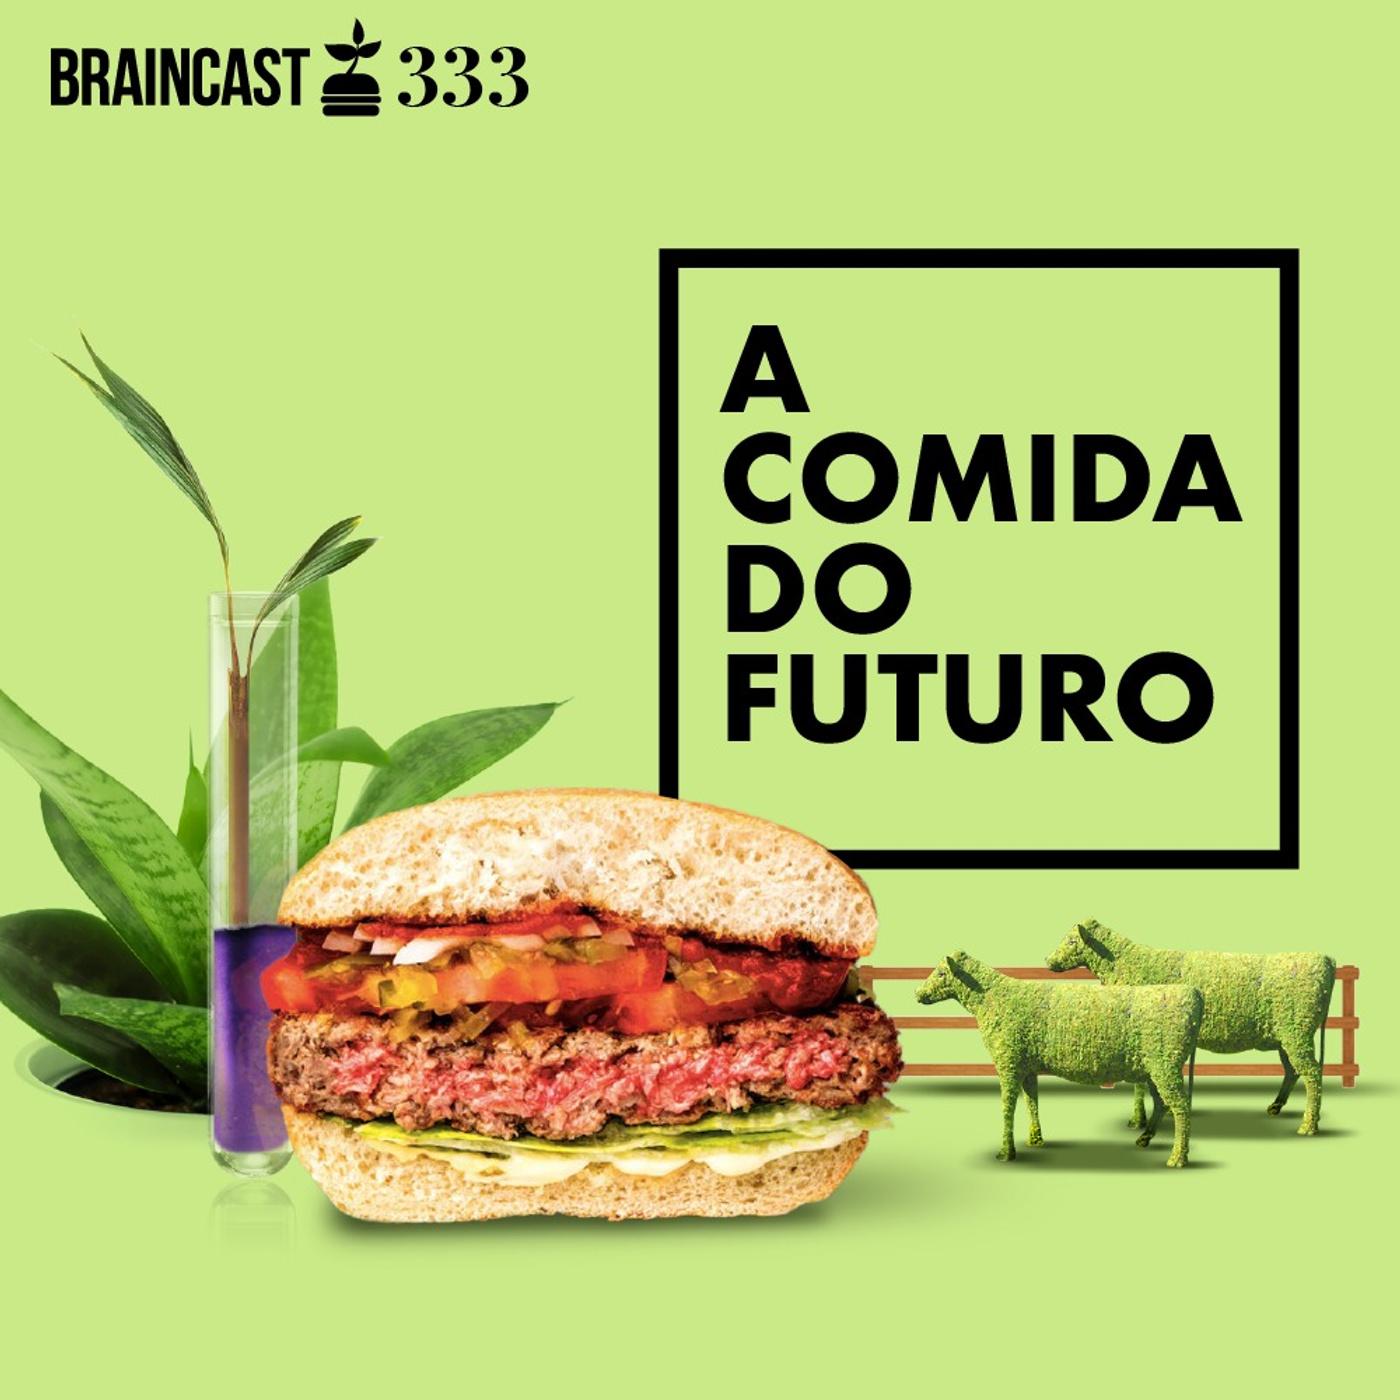 A comida do futuro